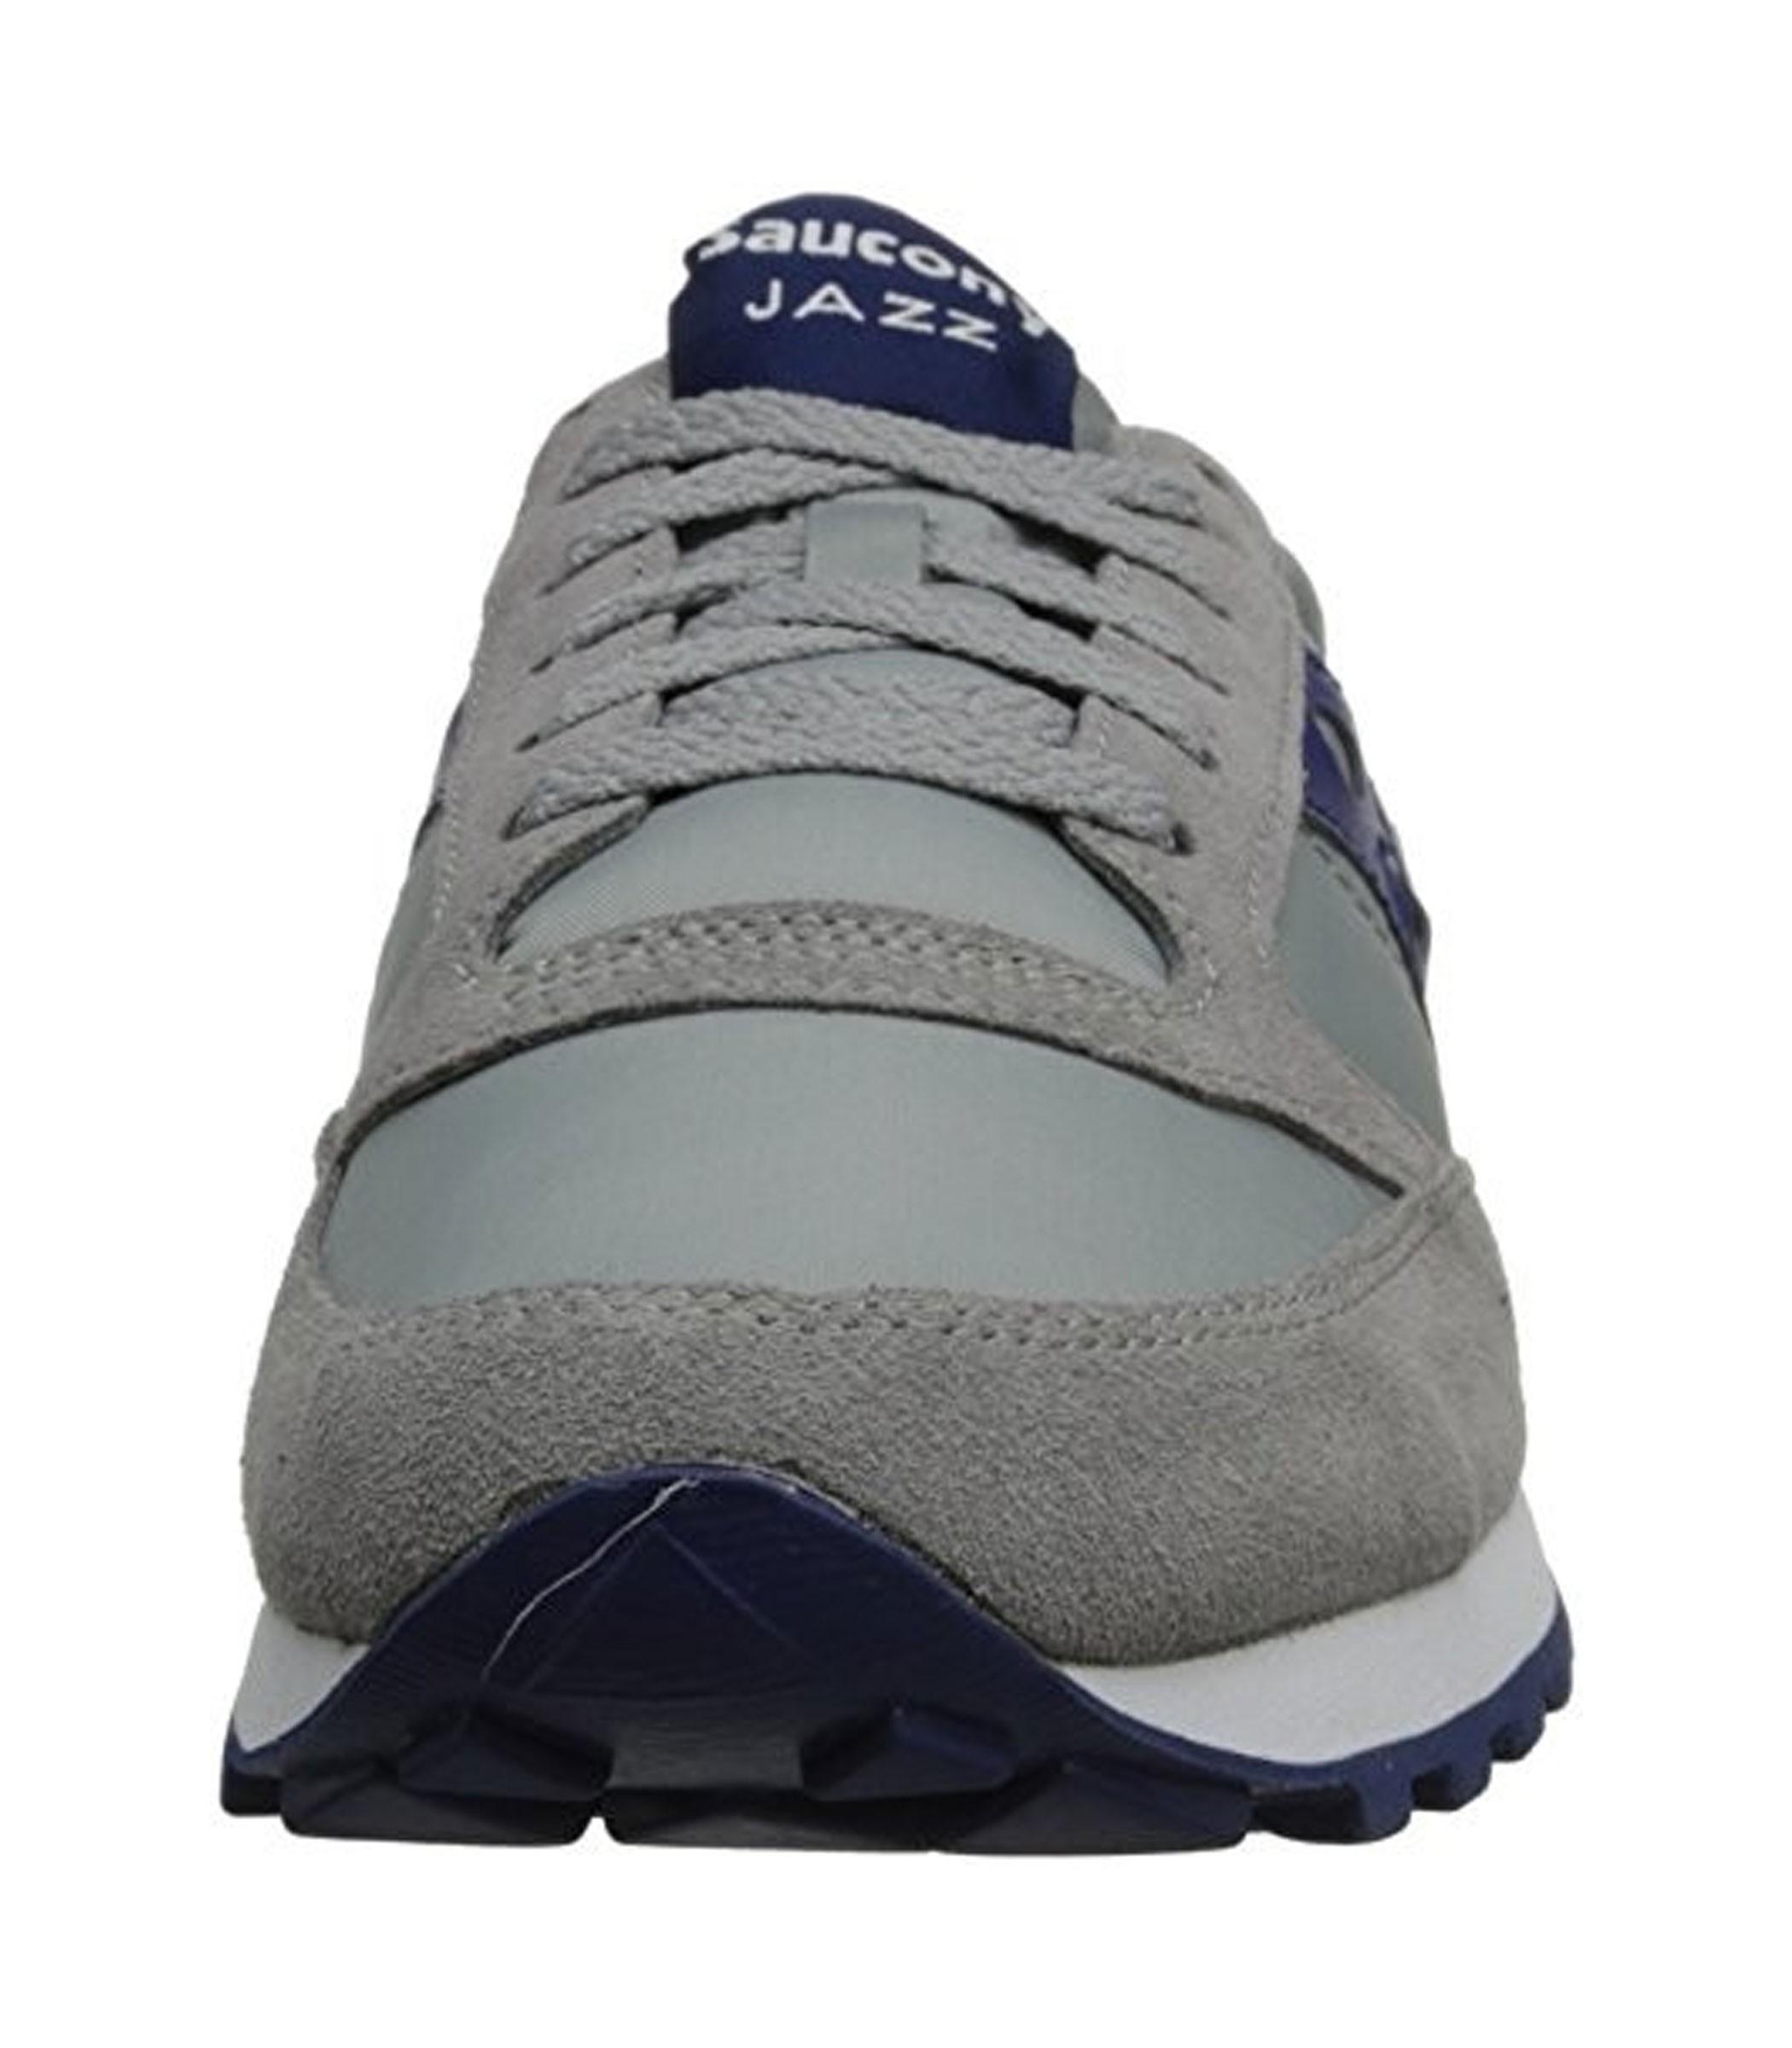 S2044 Uomo Jazz Sneakers Saucony 307 Scarpe Rif Original wYz744x eb711b5006a